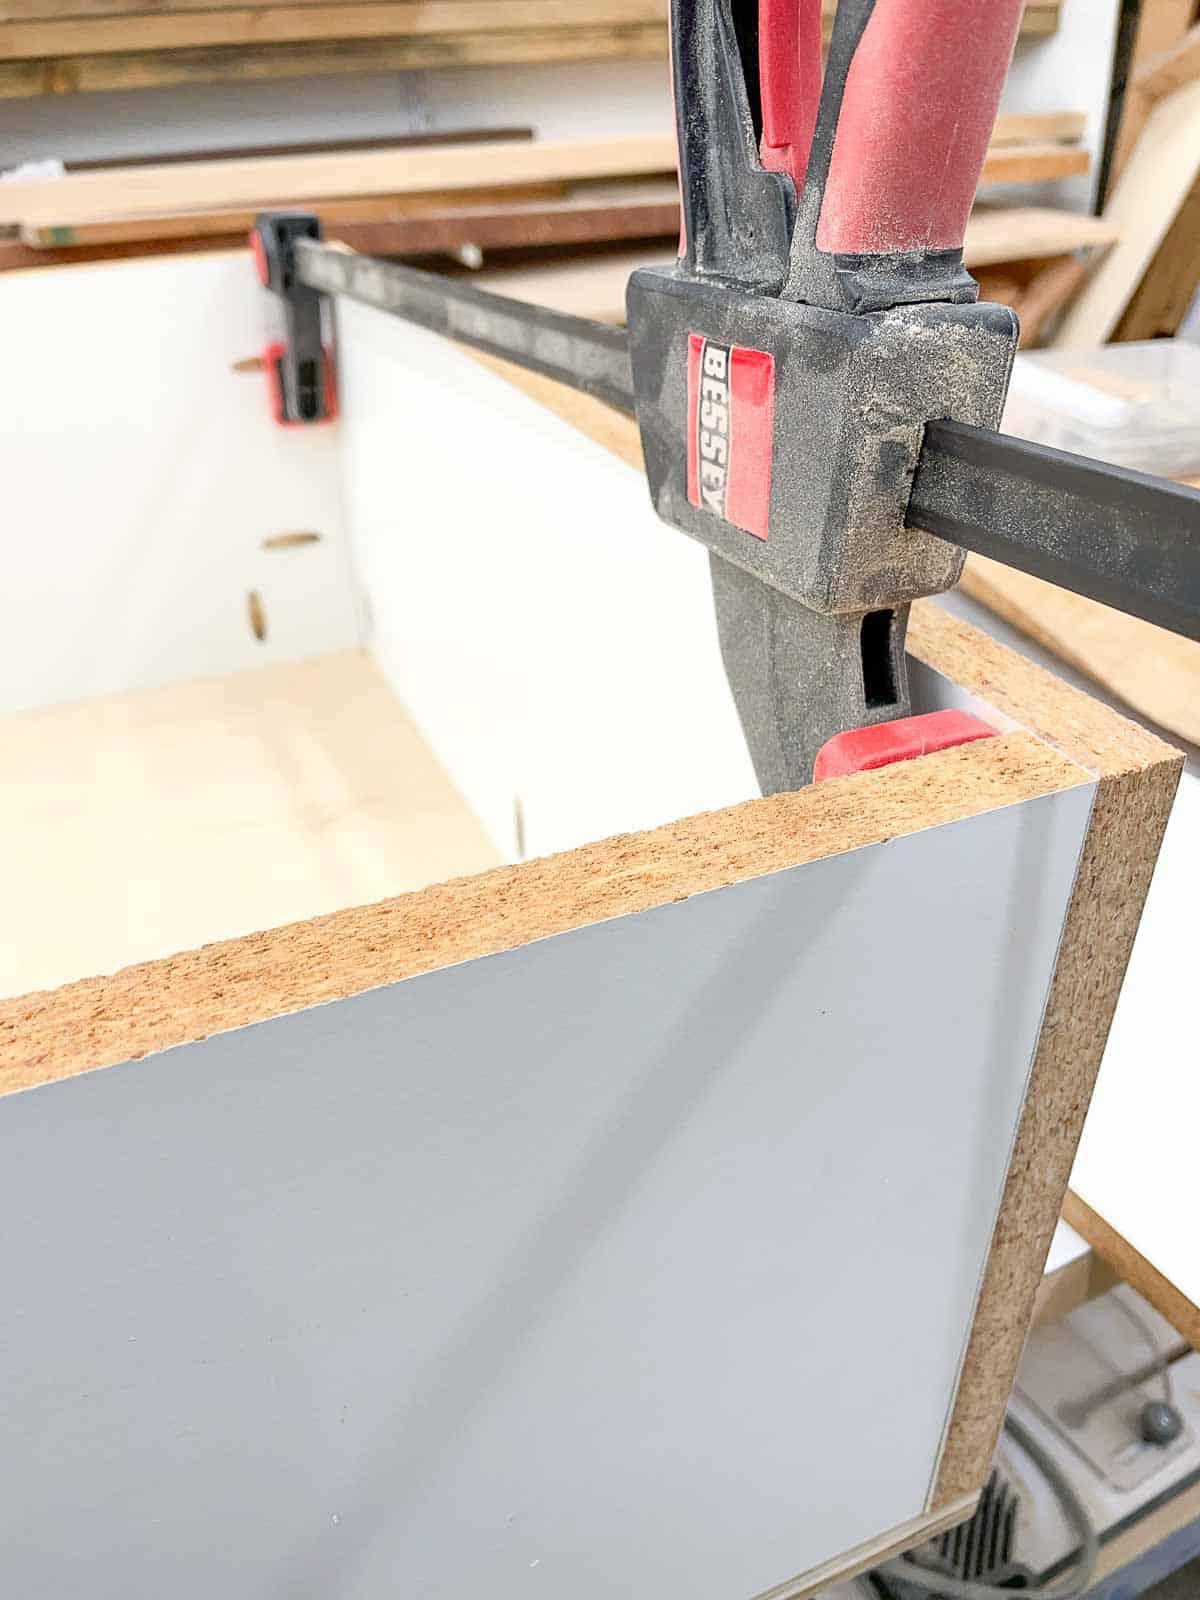 assembling frame for planer stand box